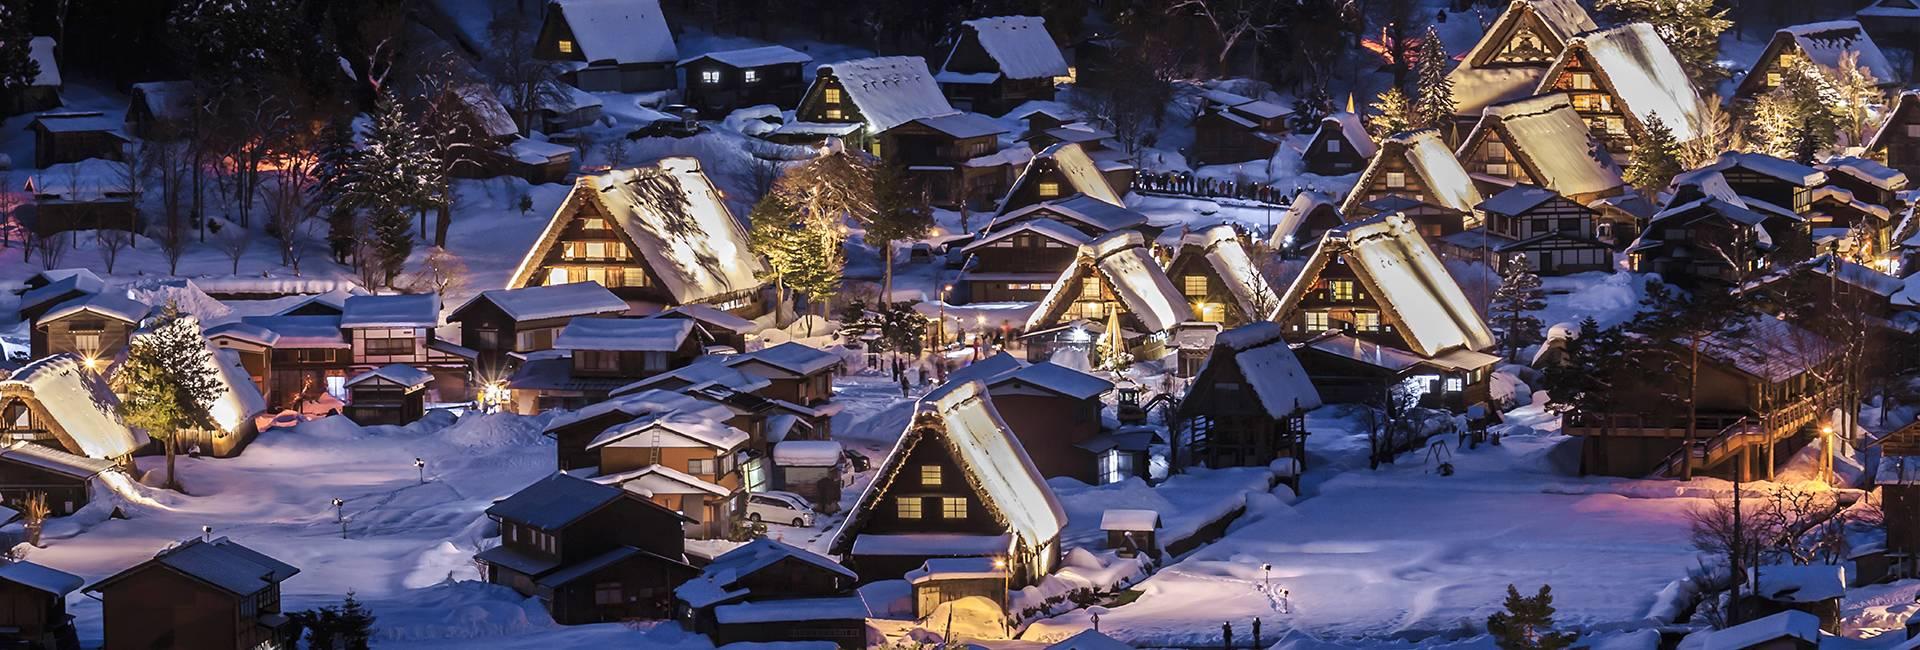 vue de nuit de Shirakawa-go en hiver sous la neige